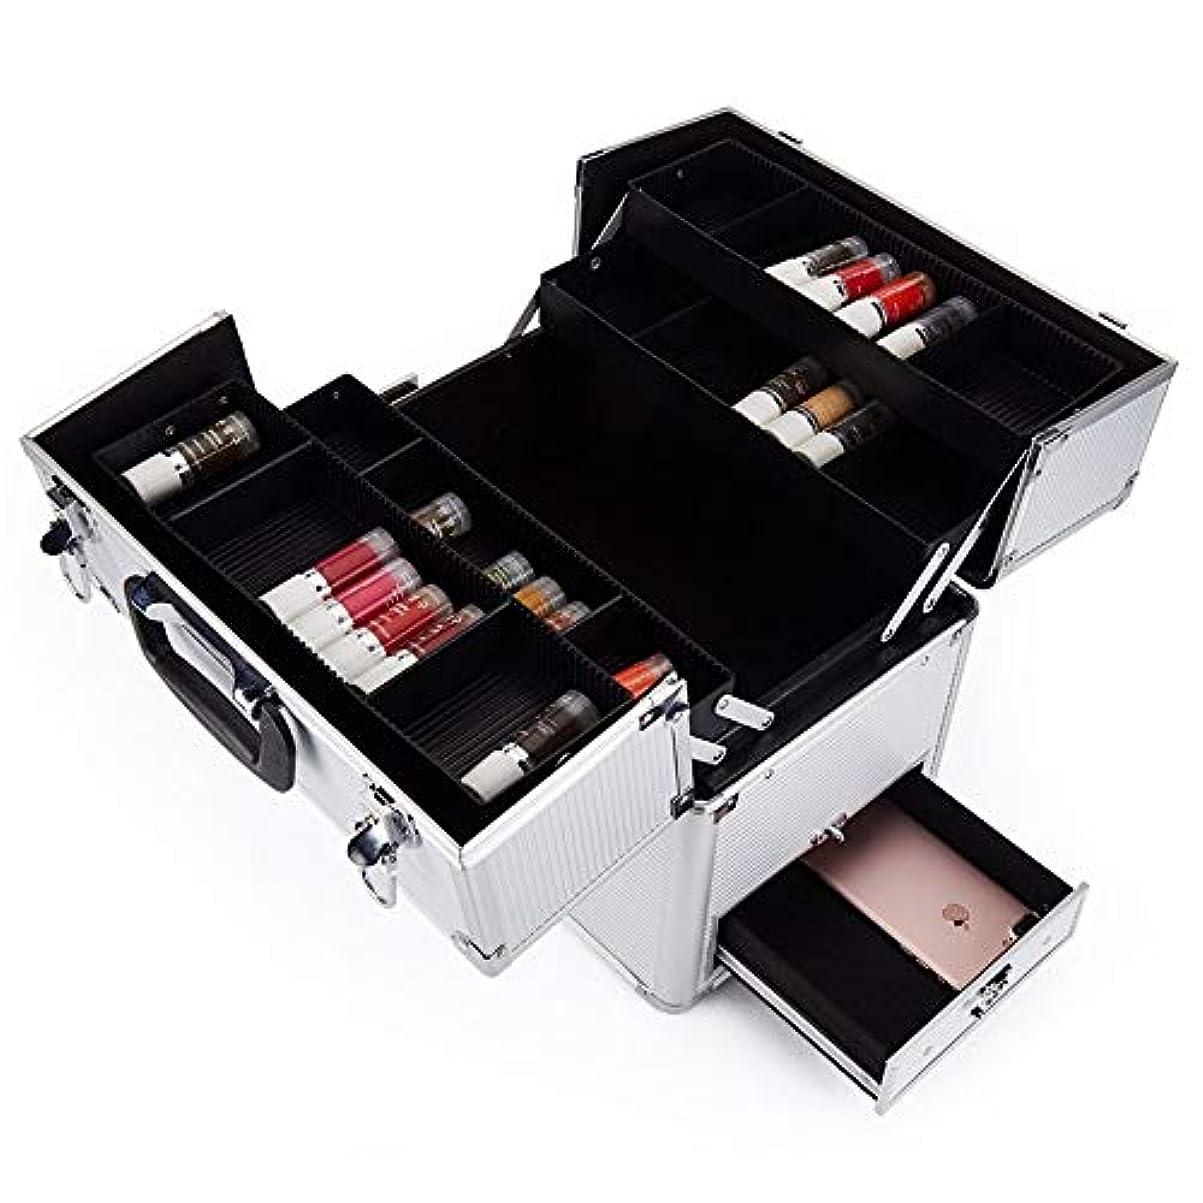 意味する積極的にフォーマット化粧オーガナイザーバッグ 多機能旅行メイクアップバッグパターンメイクアップアーティストケーストレインボックス化粧品オーガナイザー収納ボックス 化粧品ケース